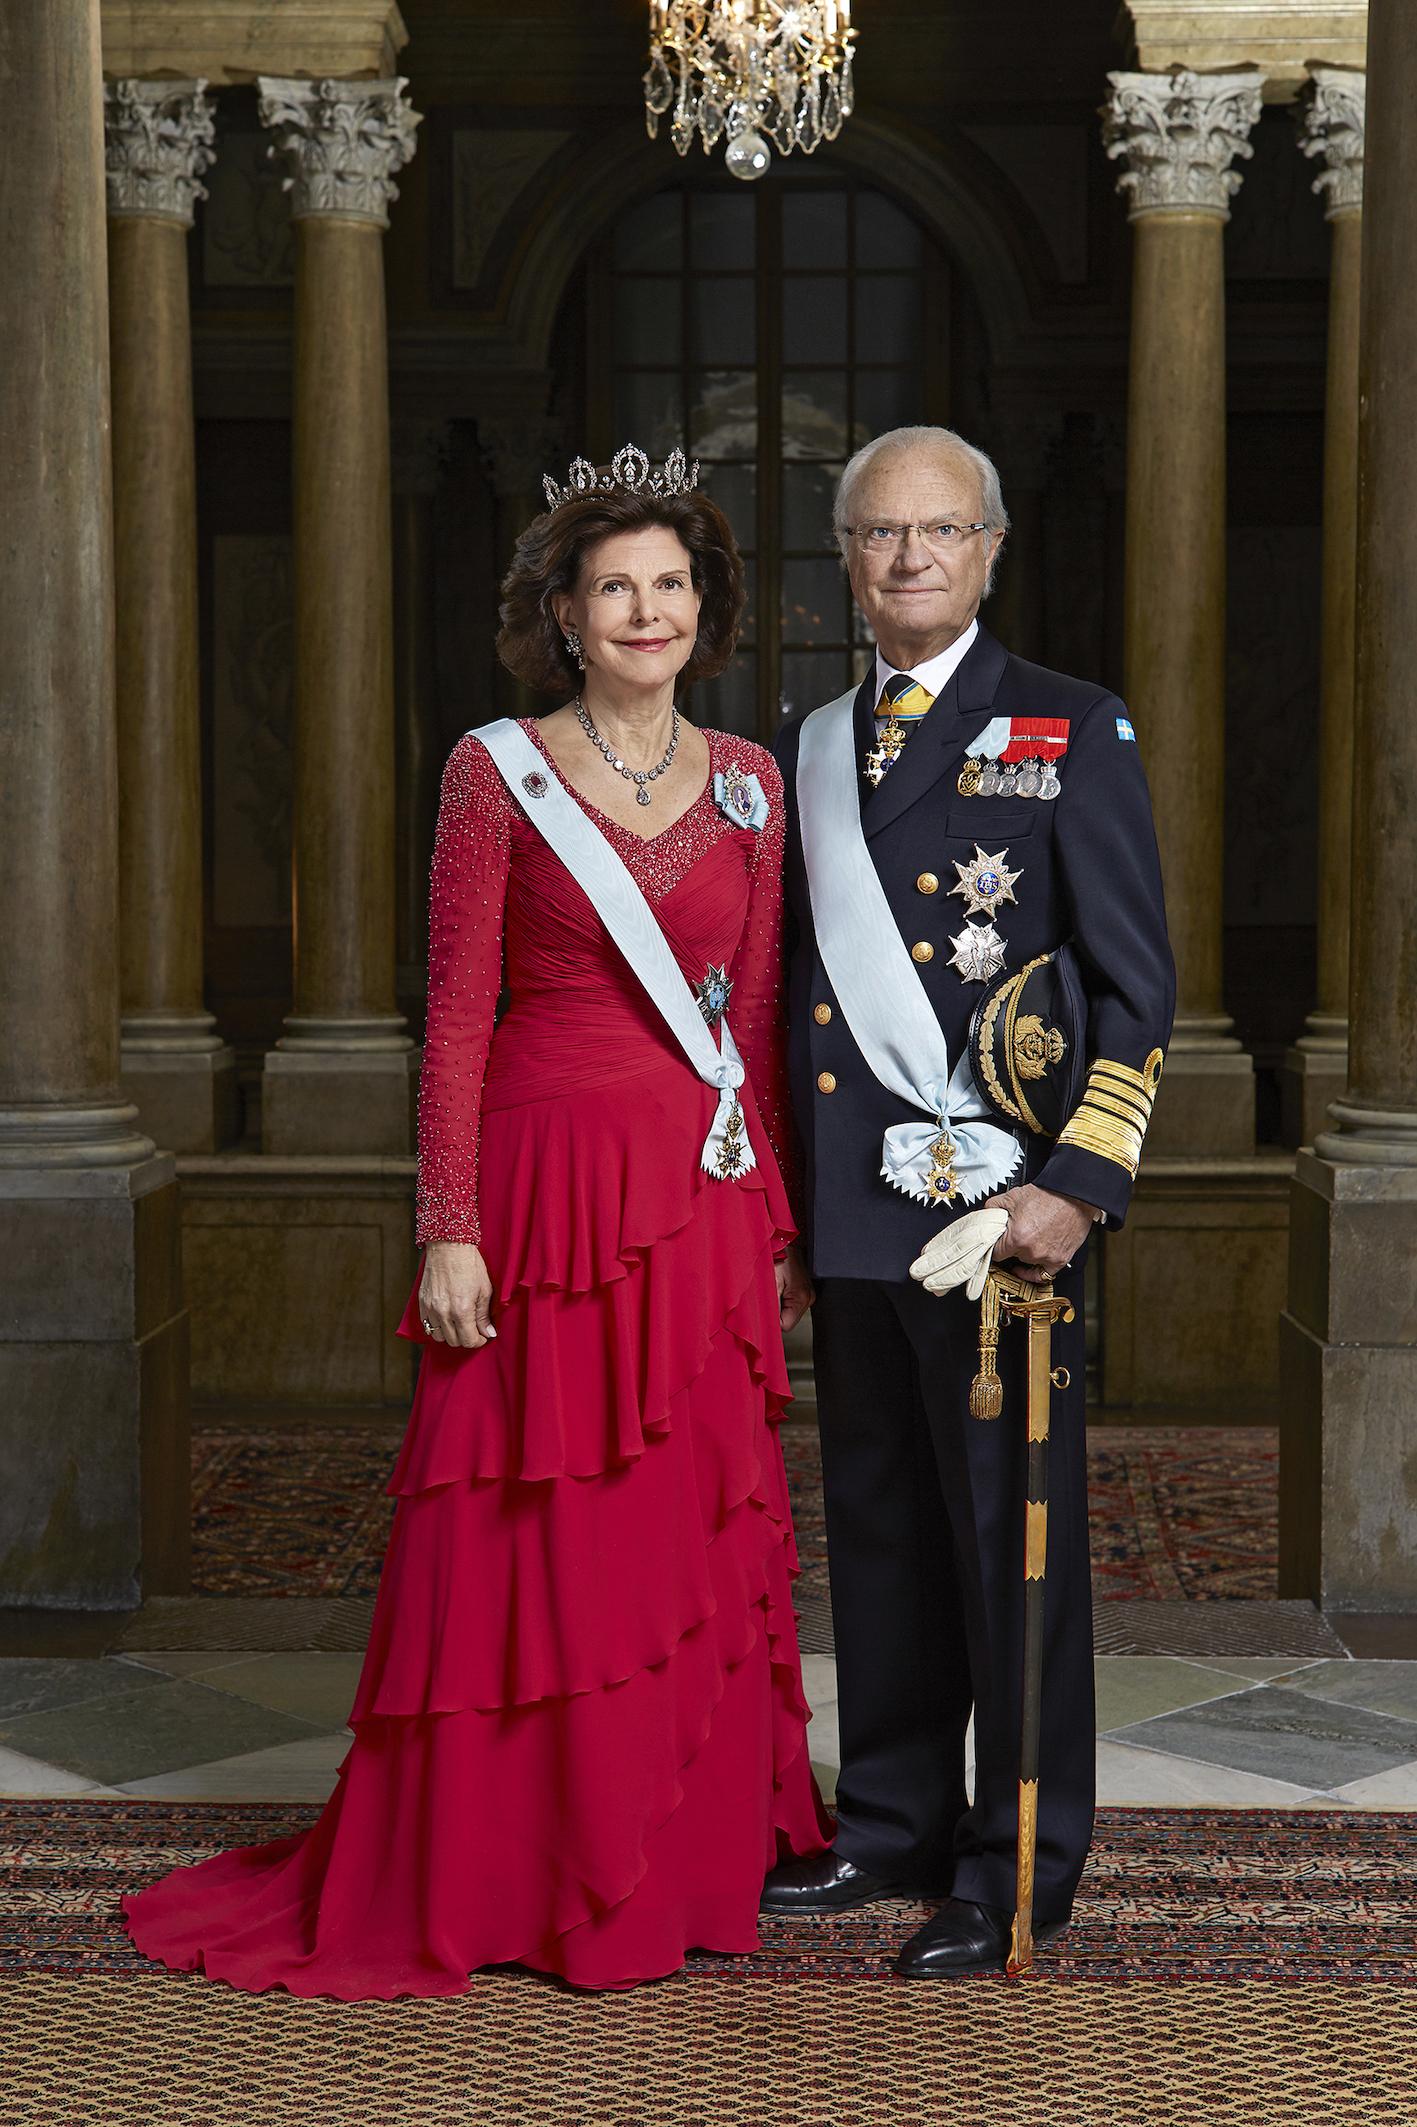 Seit über Jahren sind die gebürtige deutsche und der schwedische Monarch ein eingespieltes Team.  ©Peter Knutson, Kungahuset.se